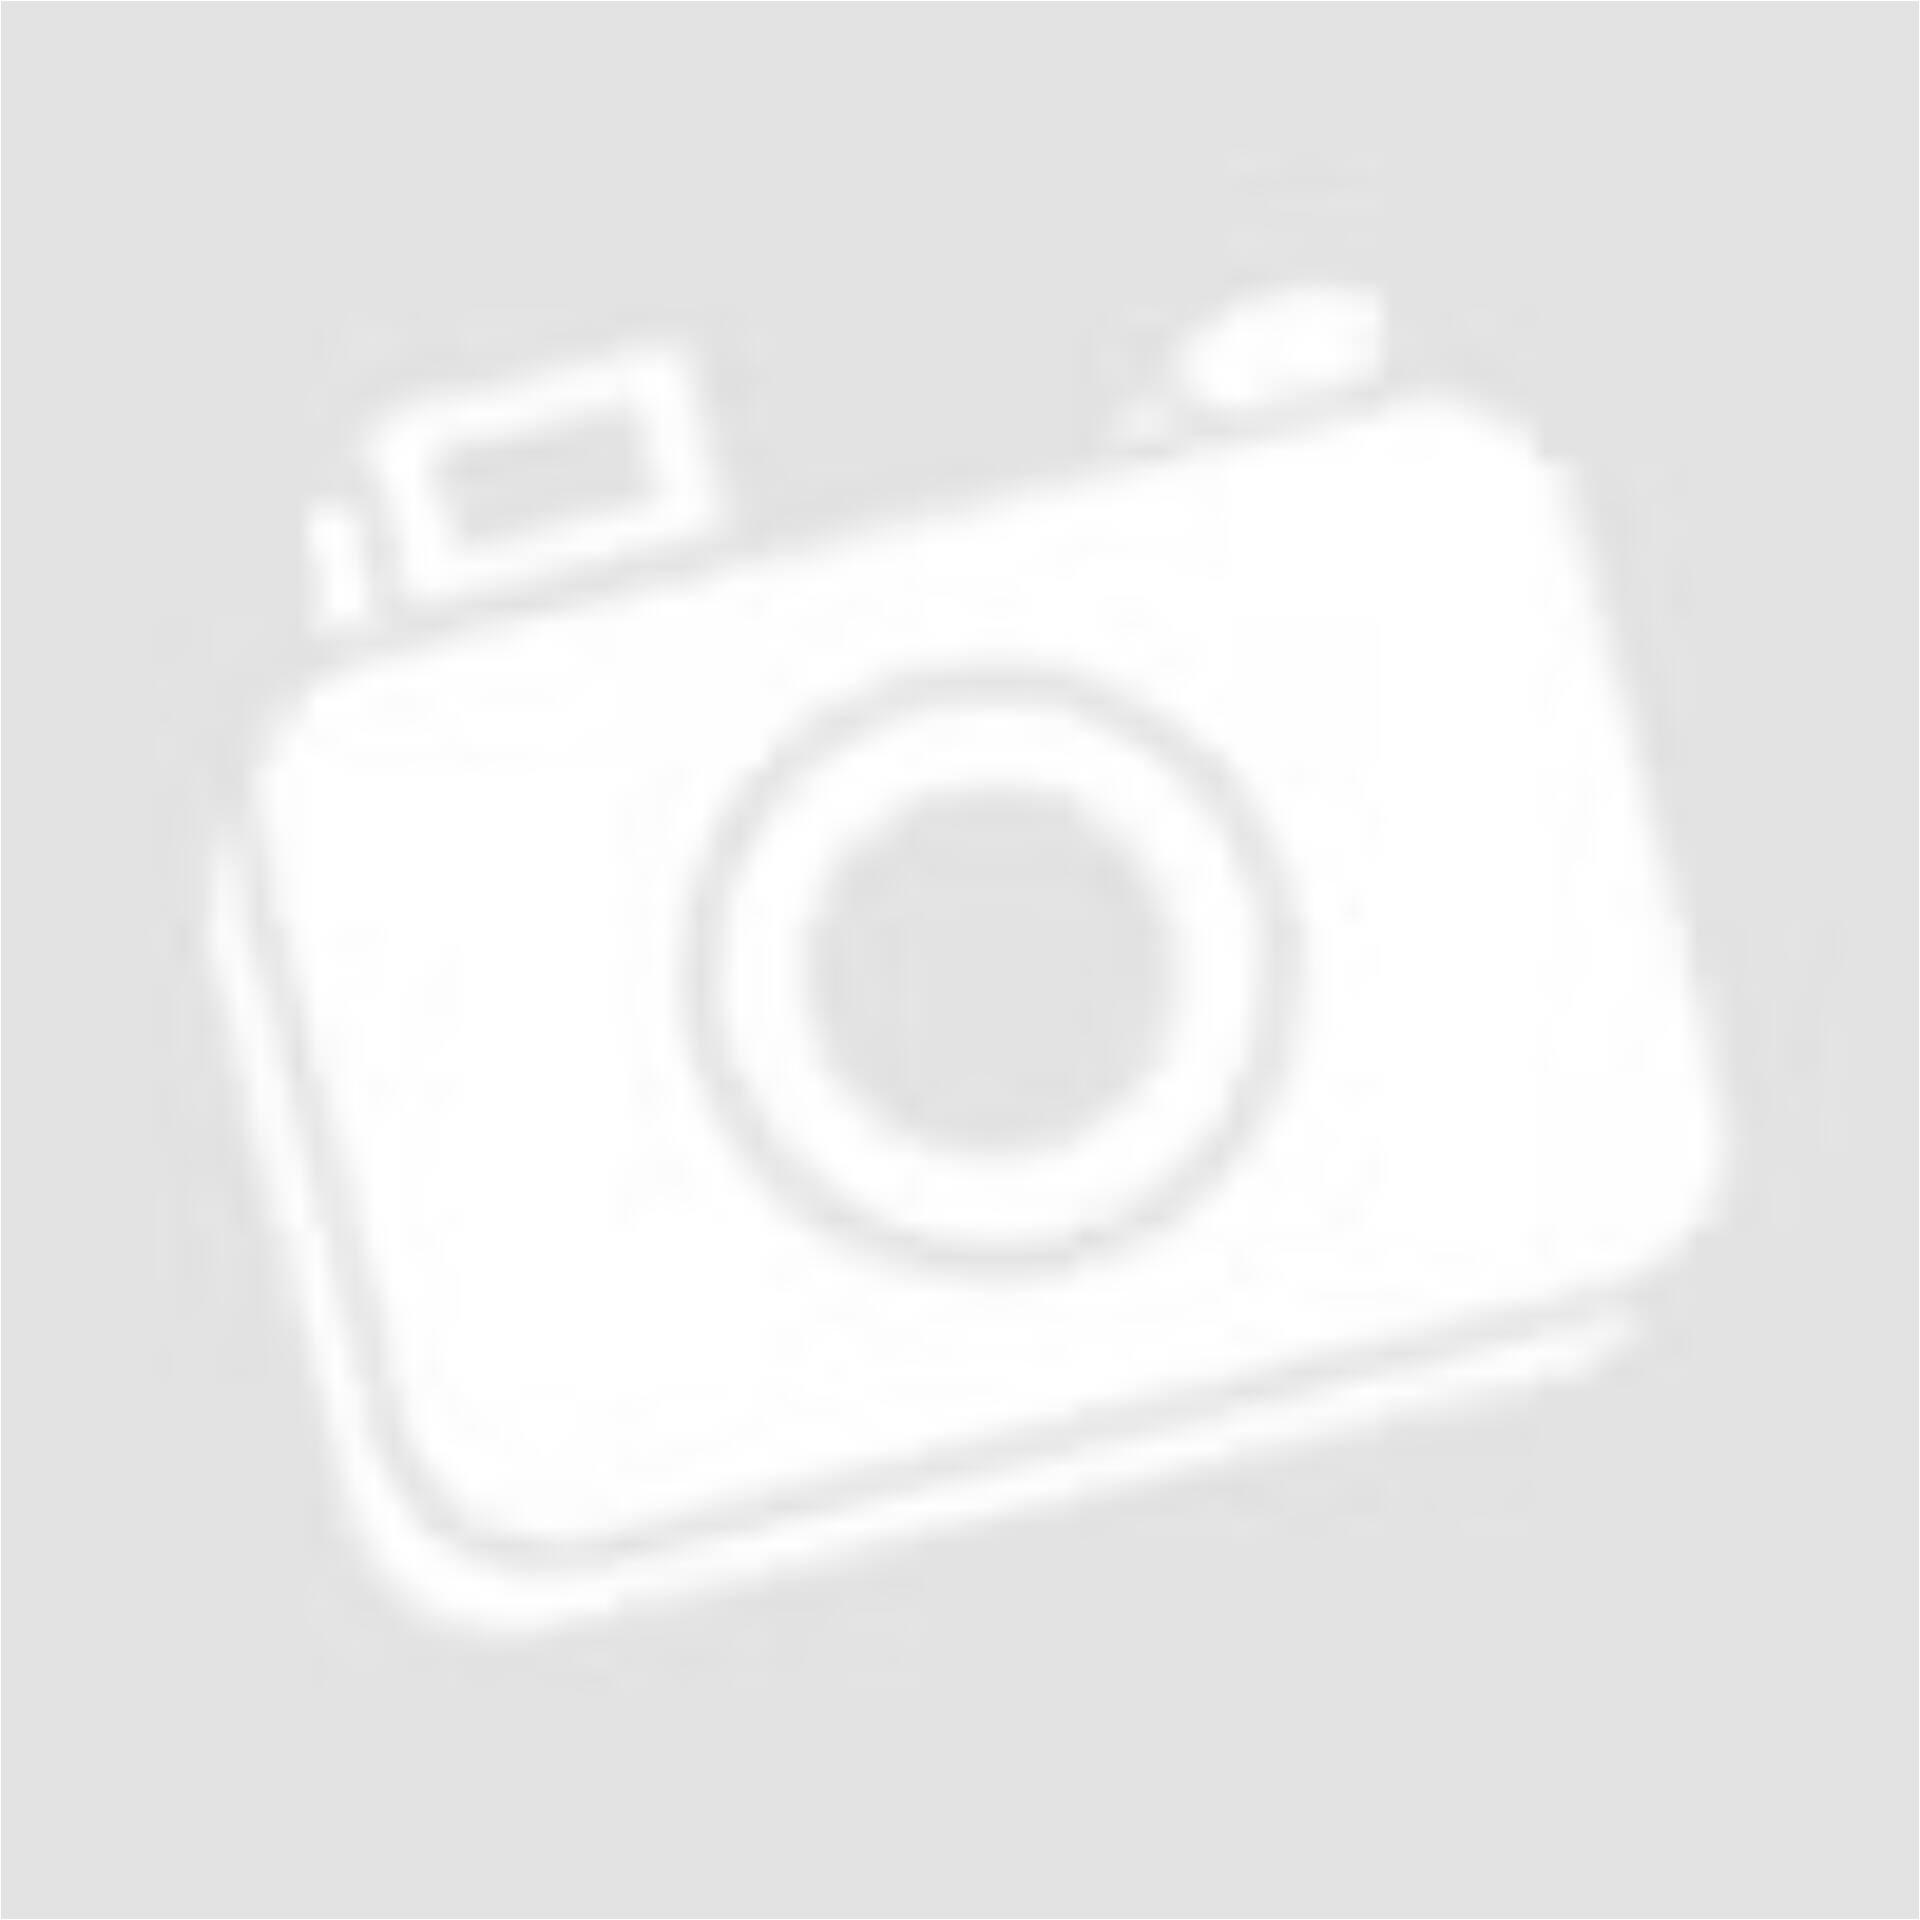 3859c34ace30 ESPRIT szürke, fehér csíkos pulcsi (Méret: M) - Női pulóver ...